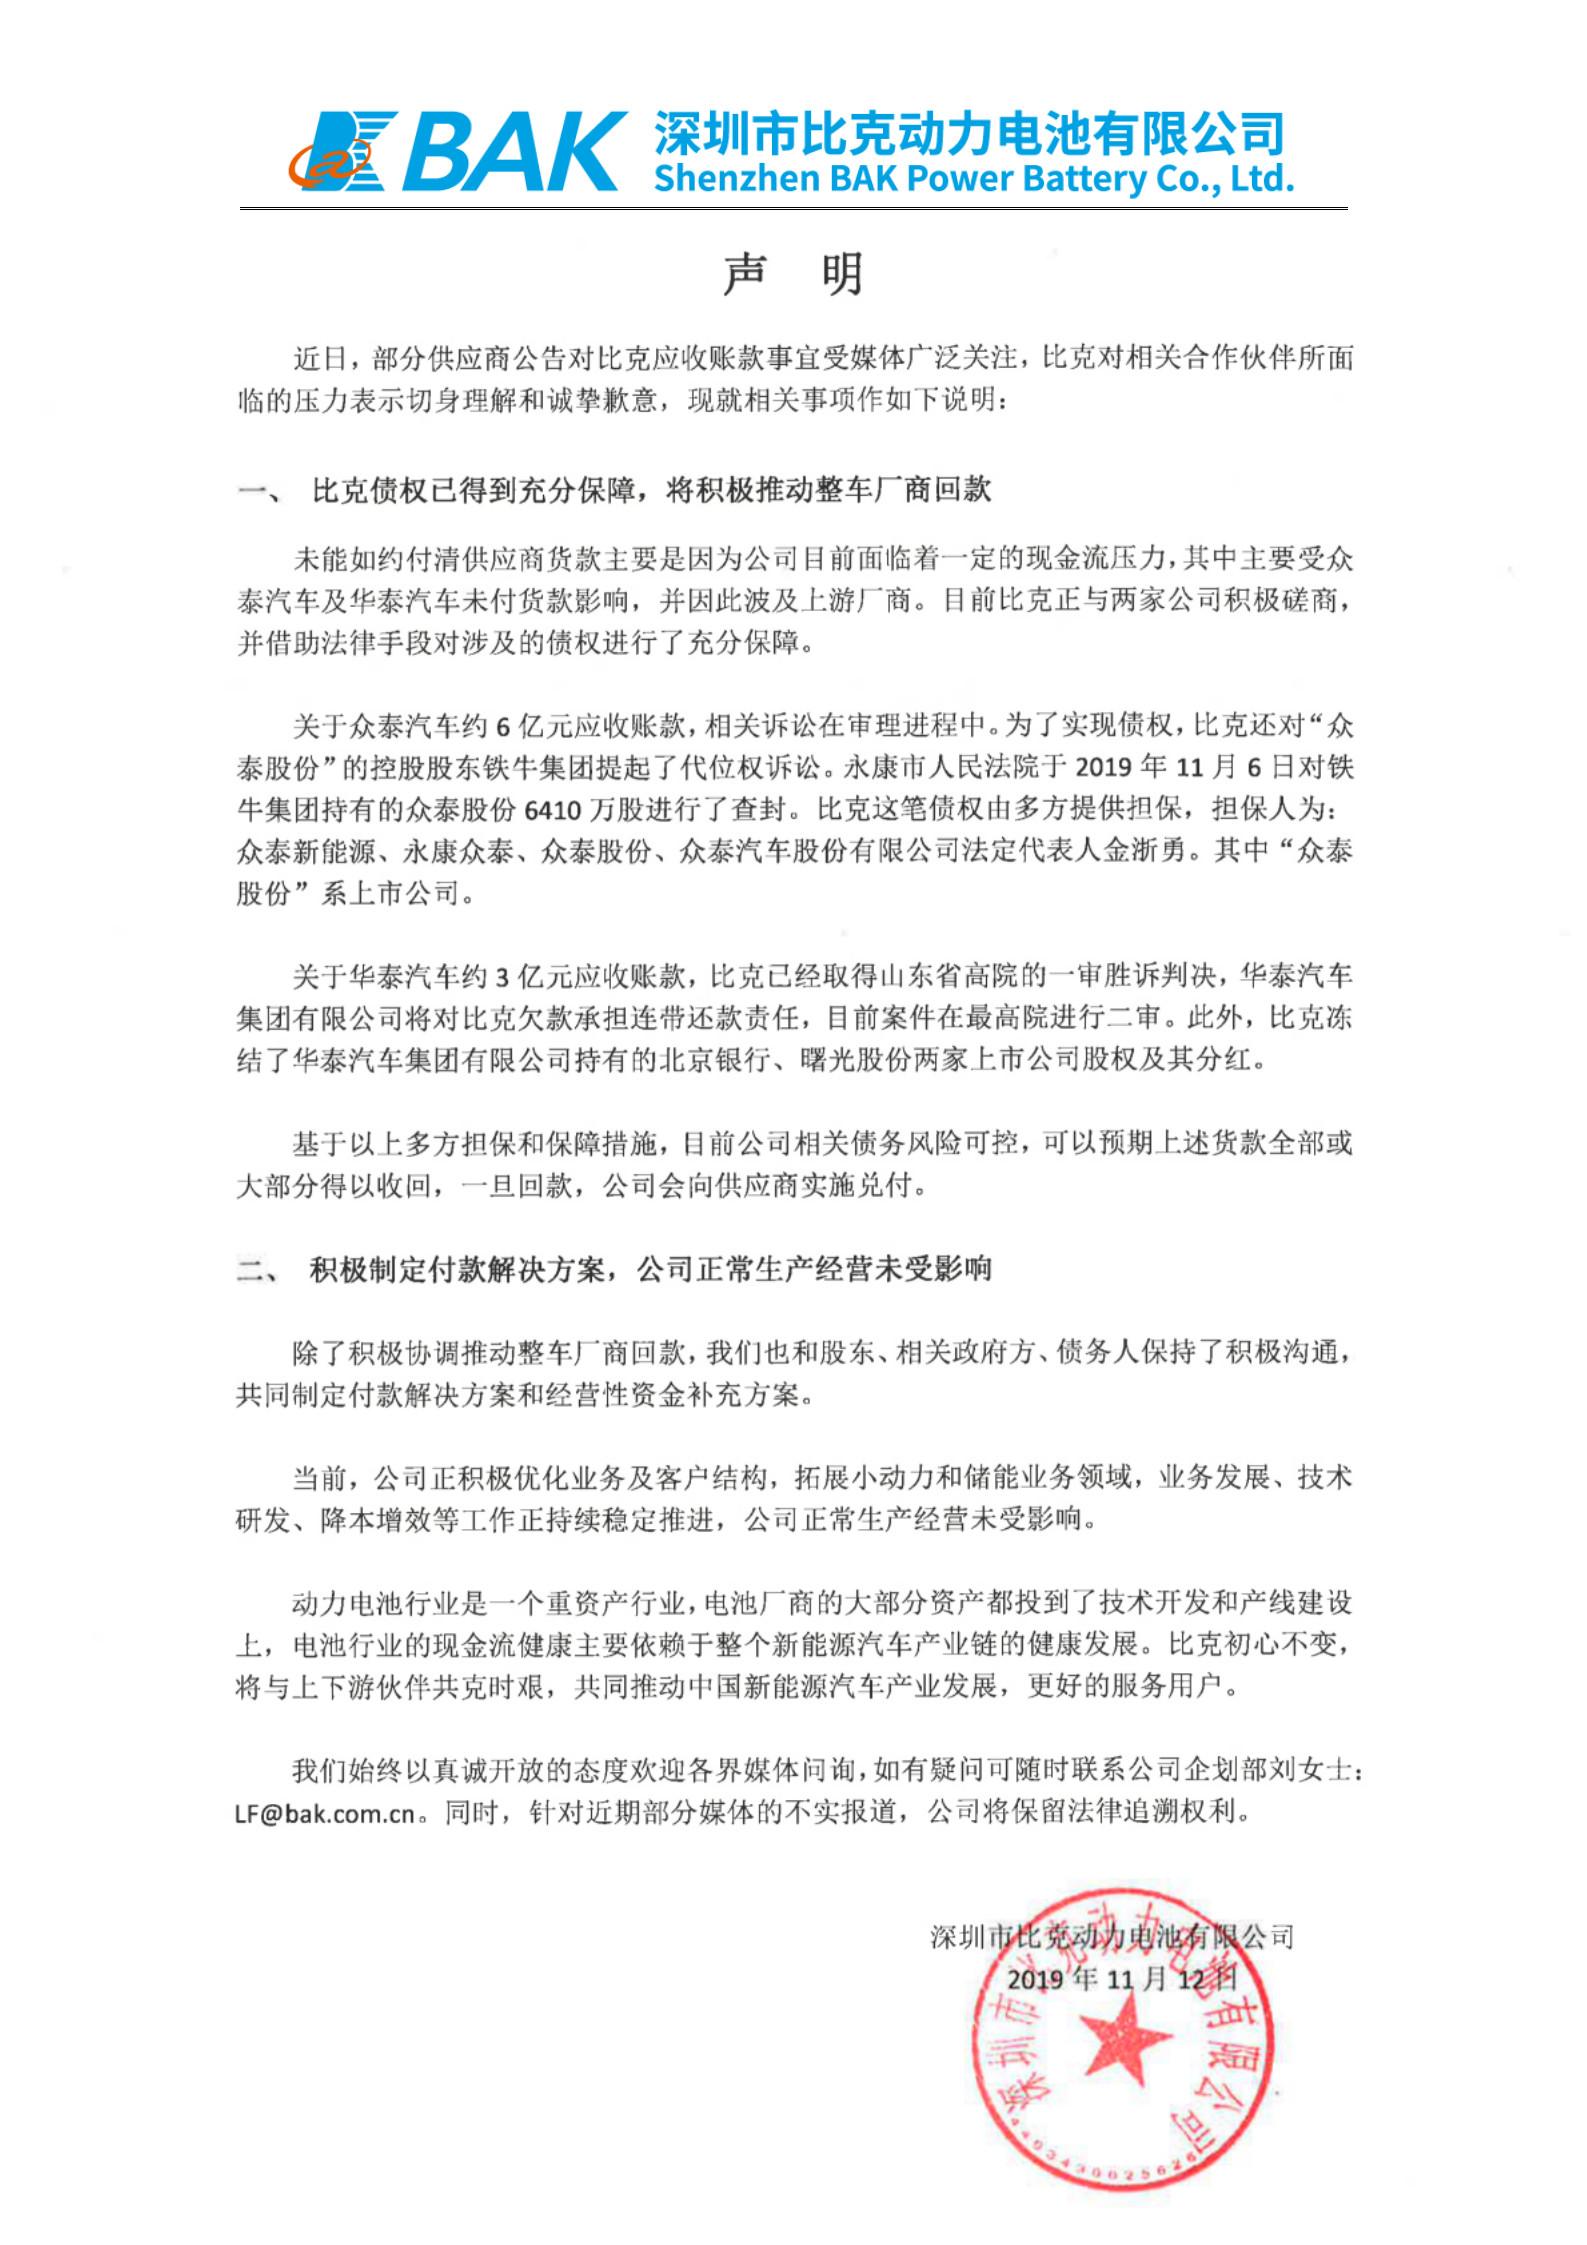 「tb游戏」鹤山妇联介入女子被家暴案:当事人希望办理离婚